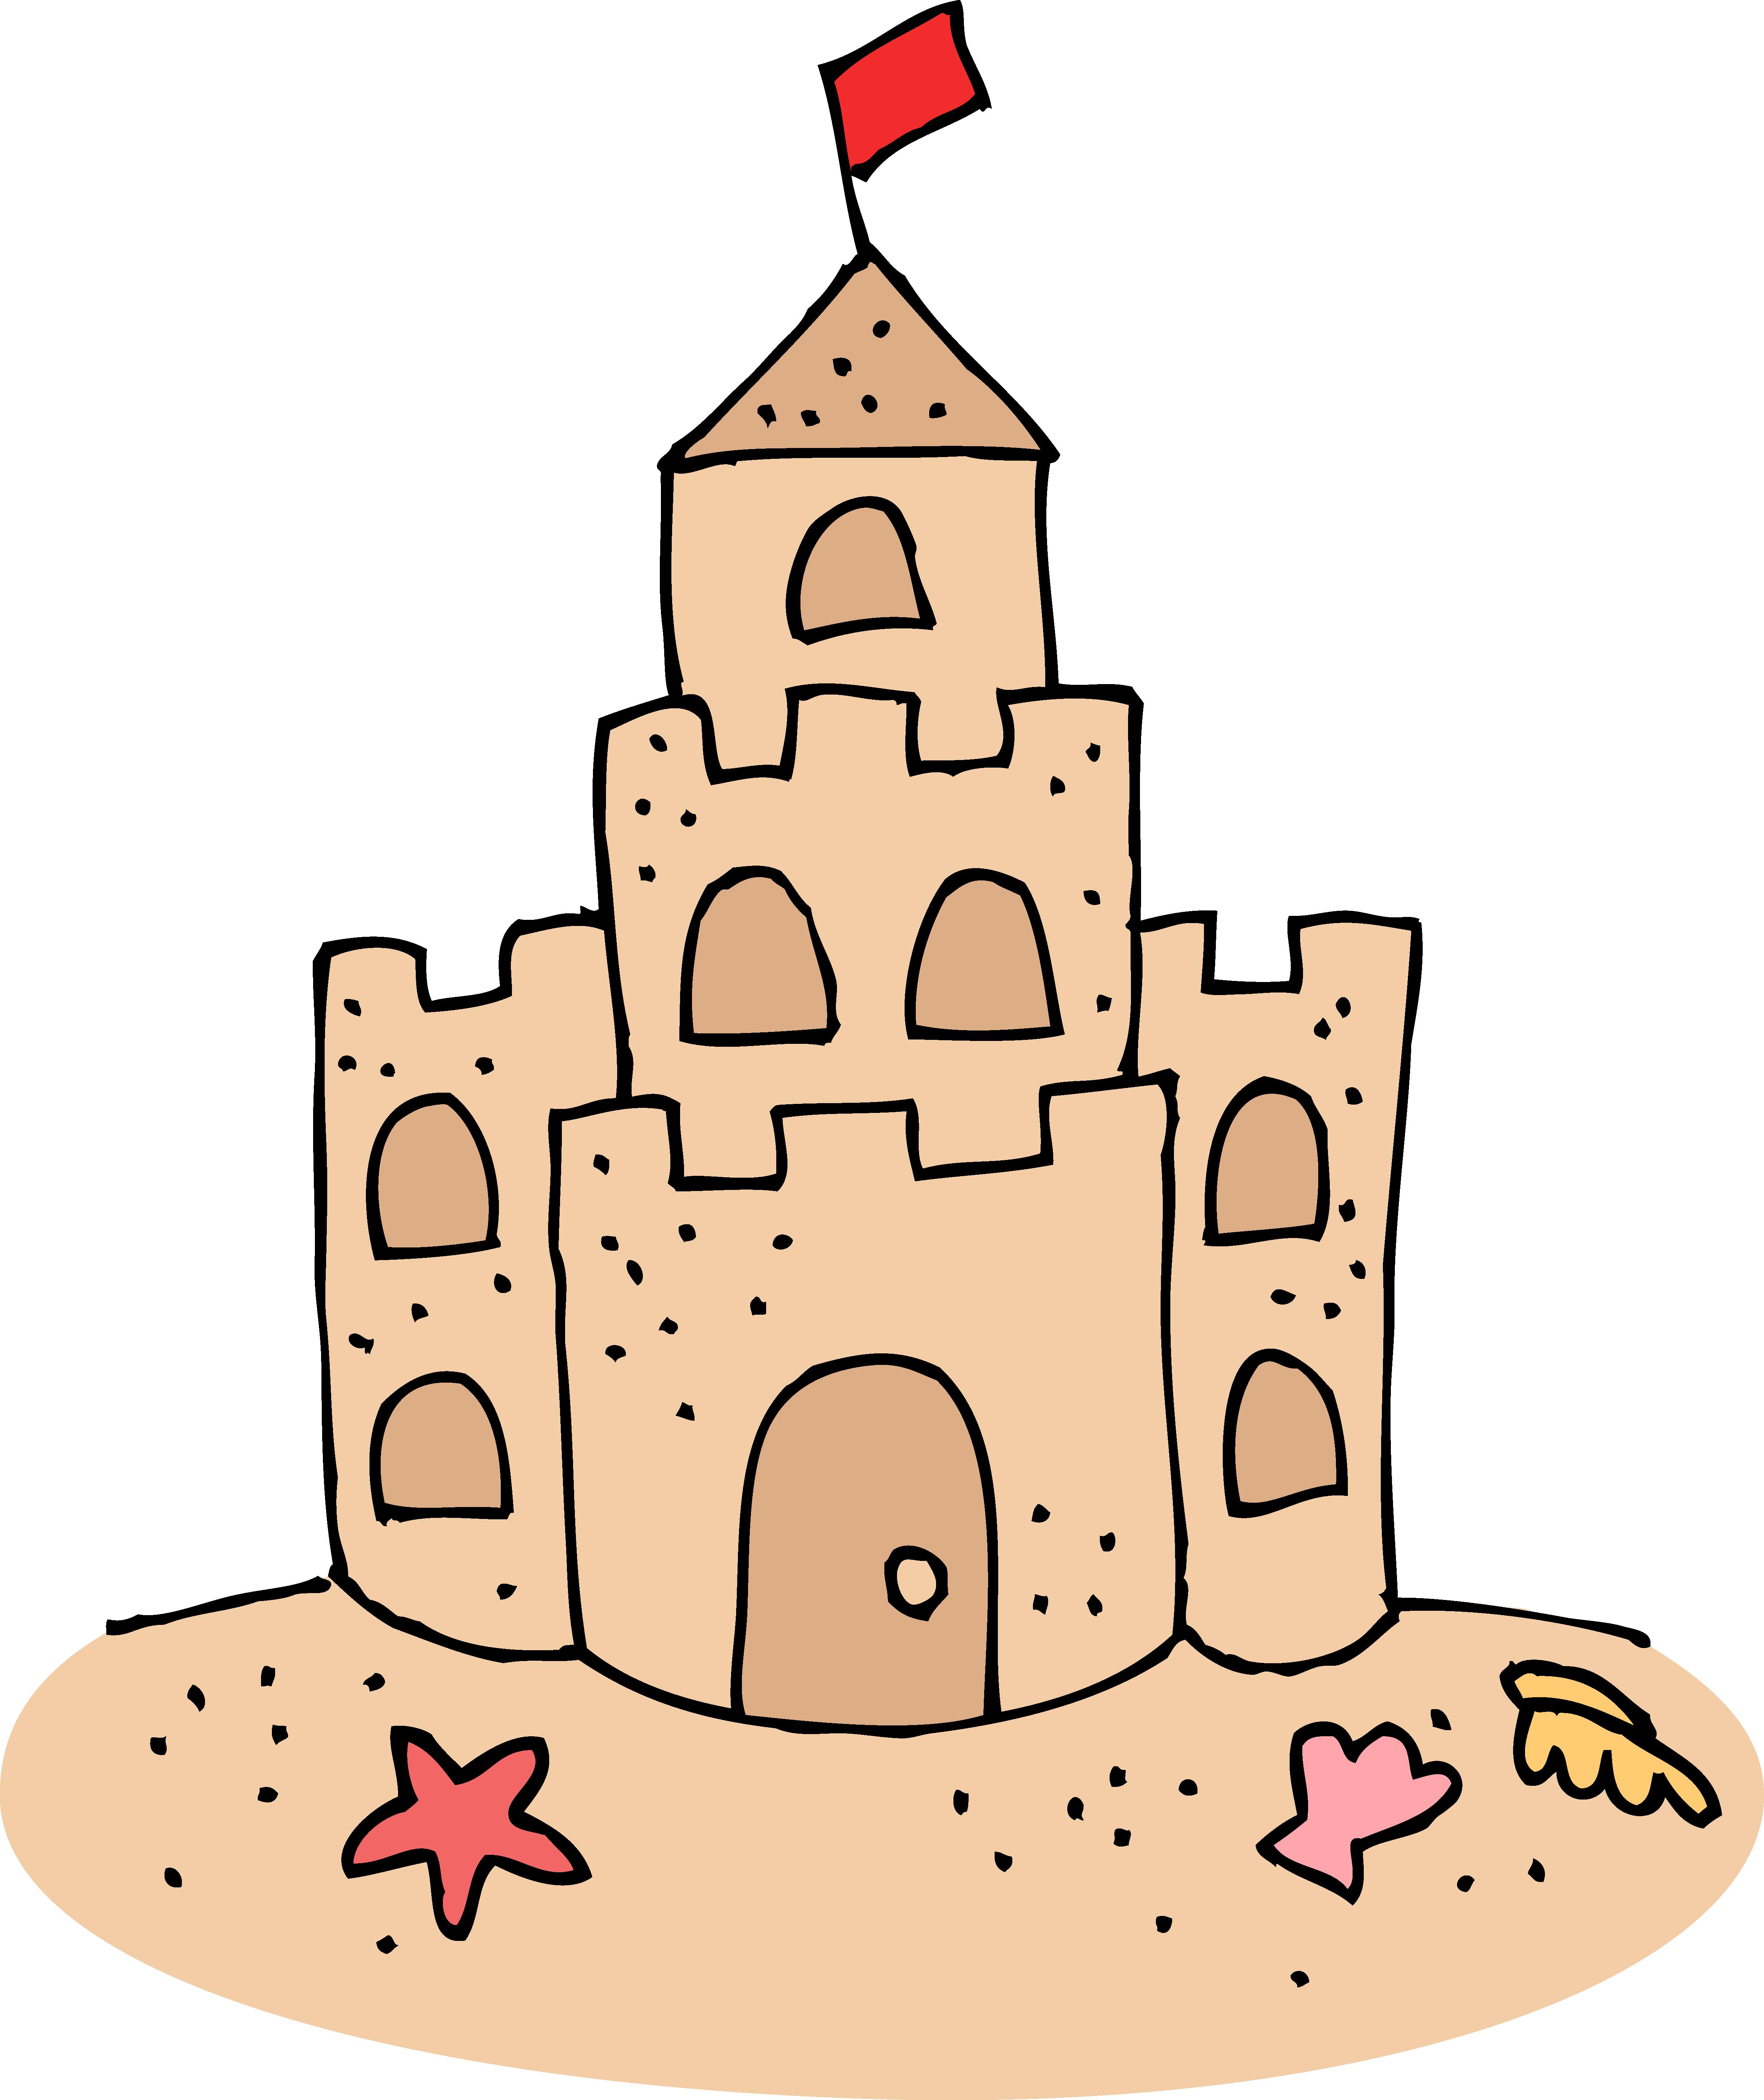 sand clipart - Sand Clip Art